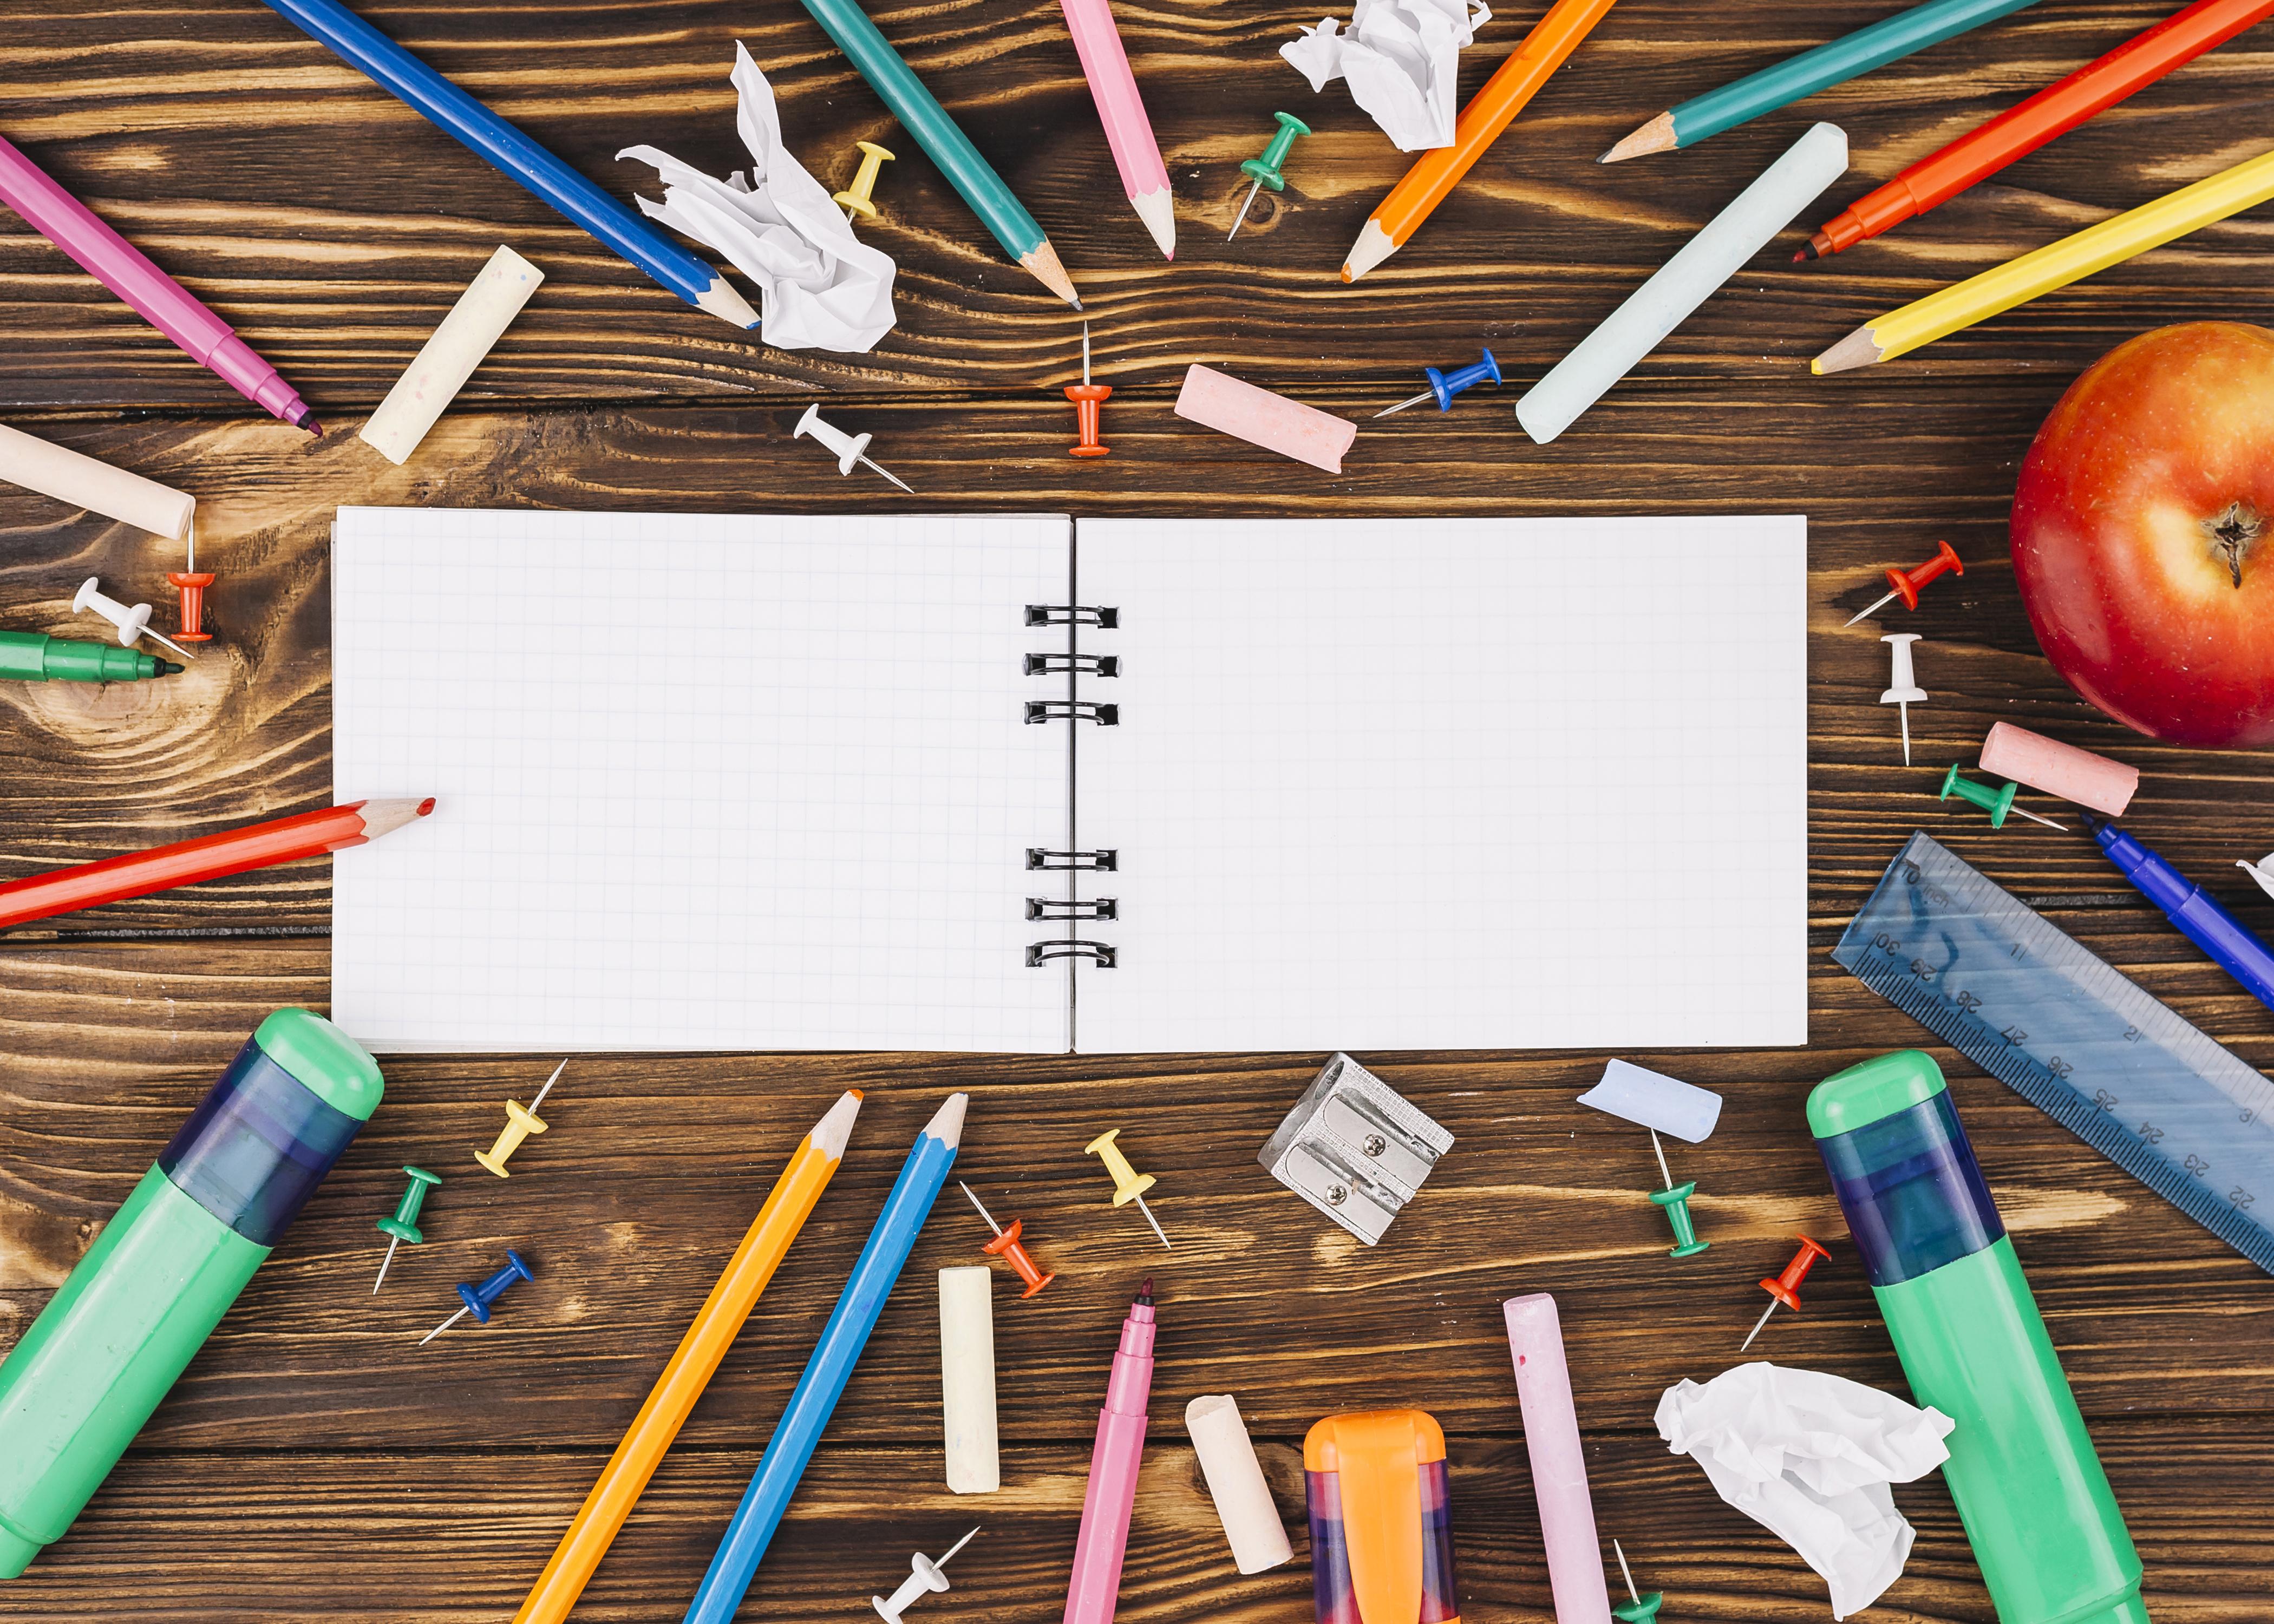 Фото Канцелярские товары школьные карандаш Тетрадь Доски 4200x3000 Школа Карандаши карандаша карандашей